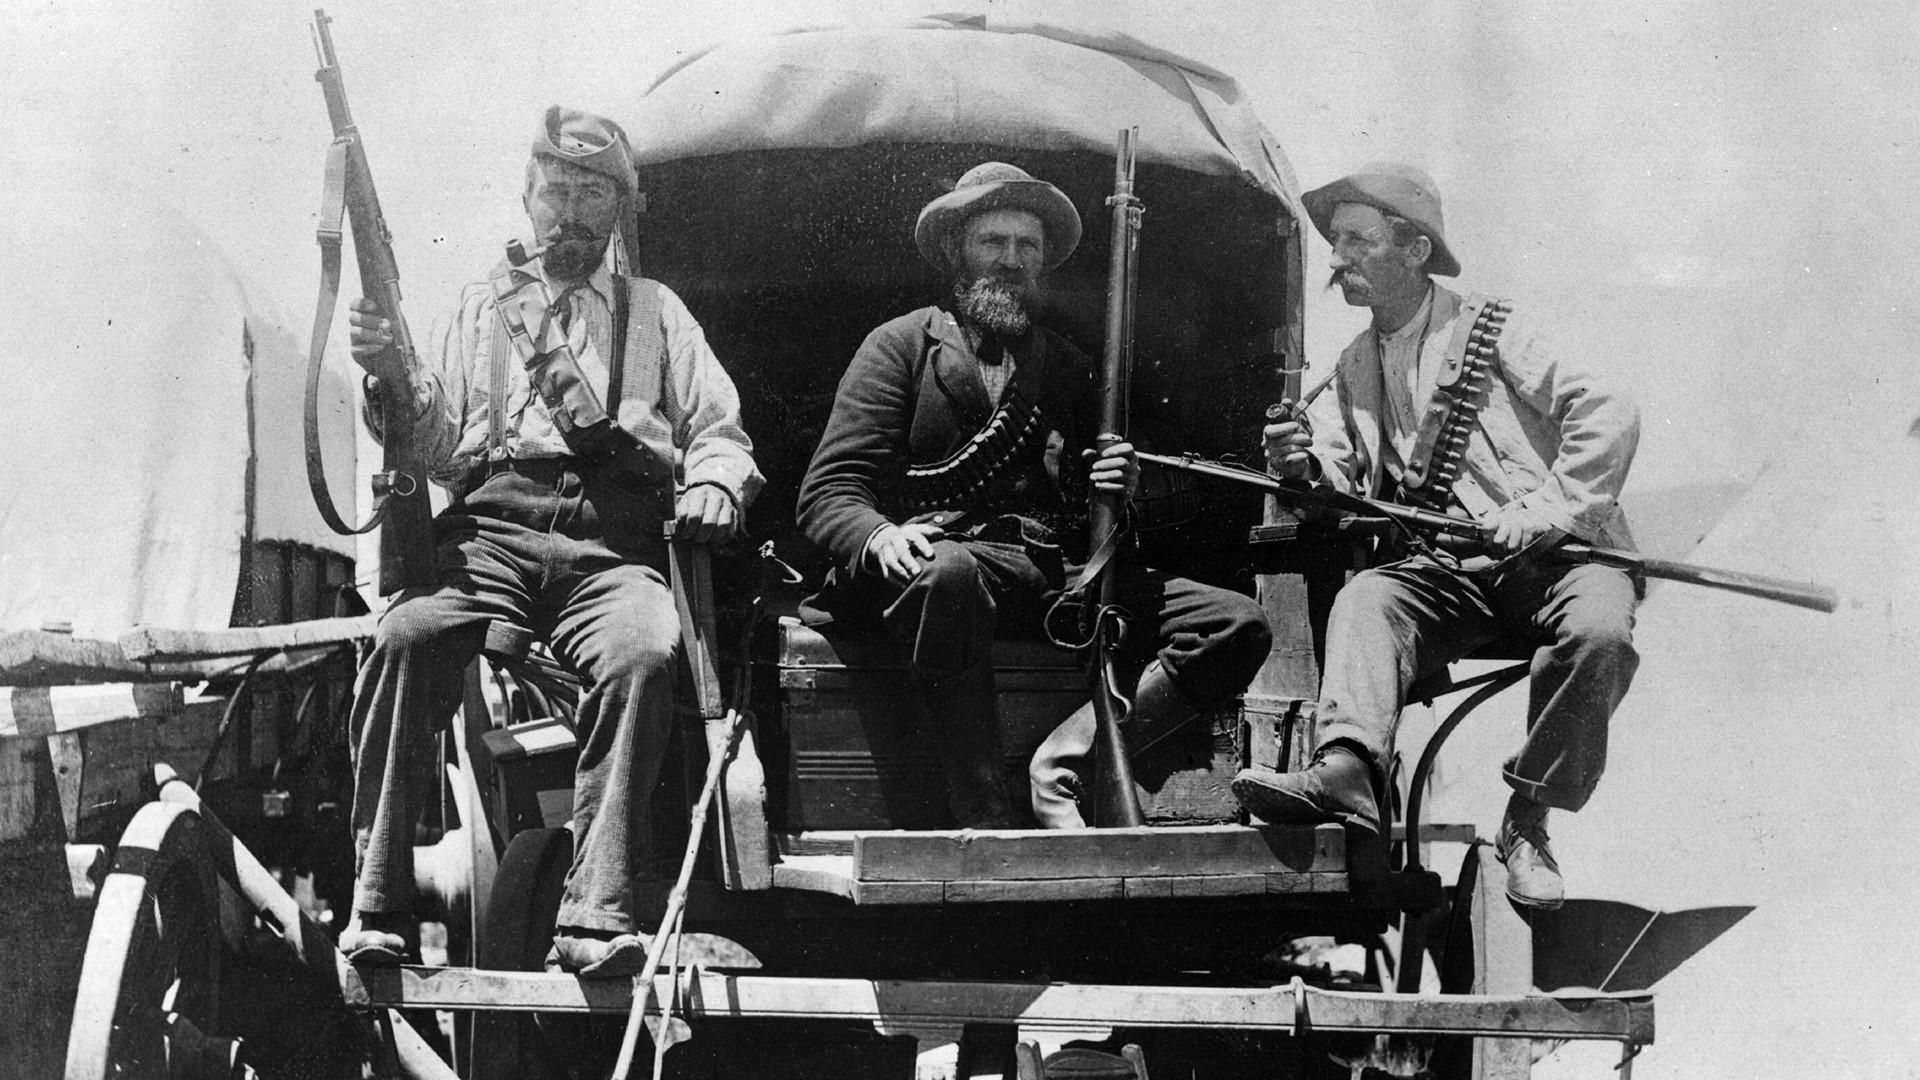 Бури со пушки во вагон за време на Втората бурска војна.